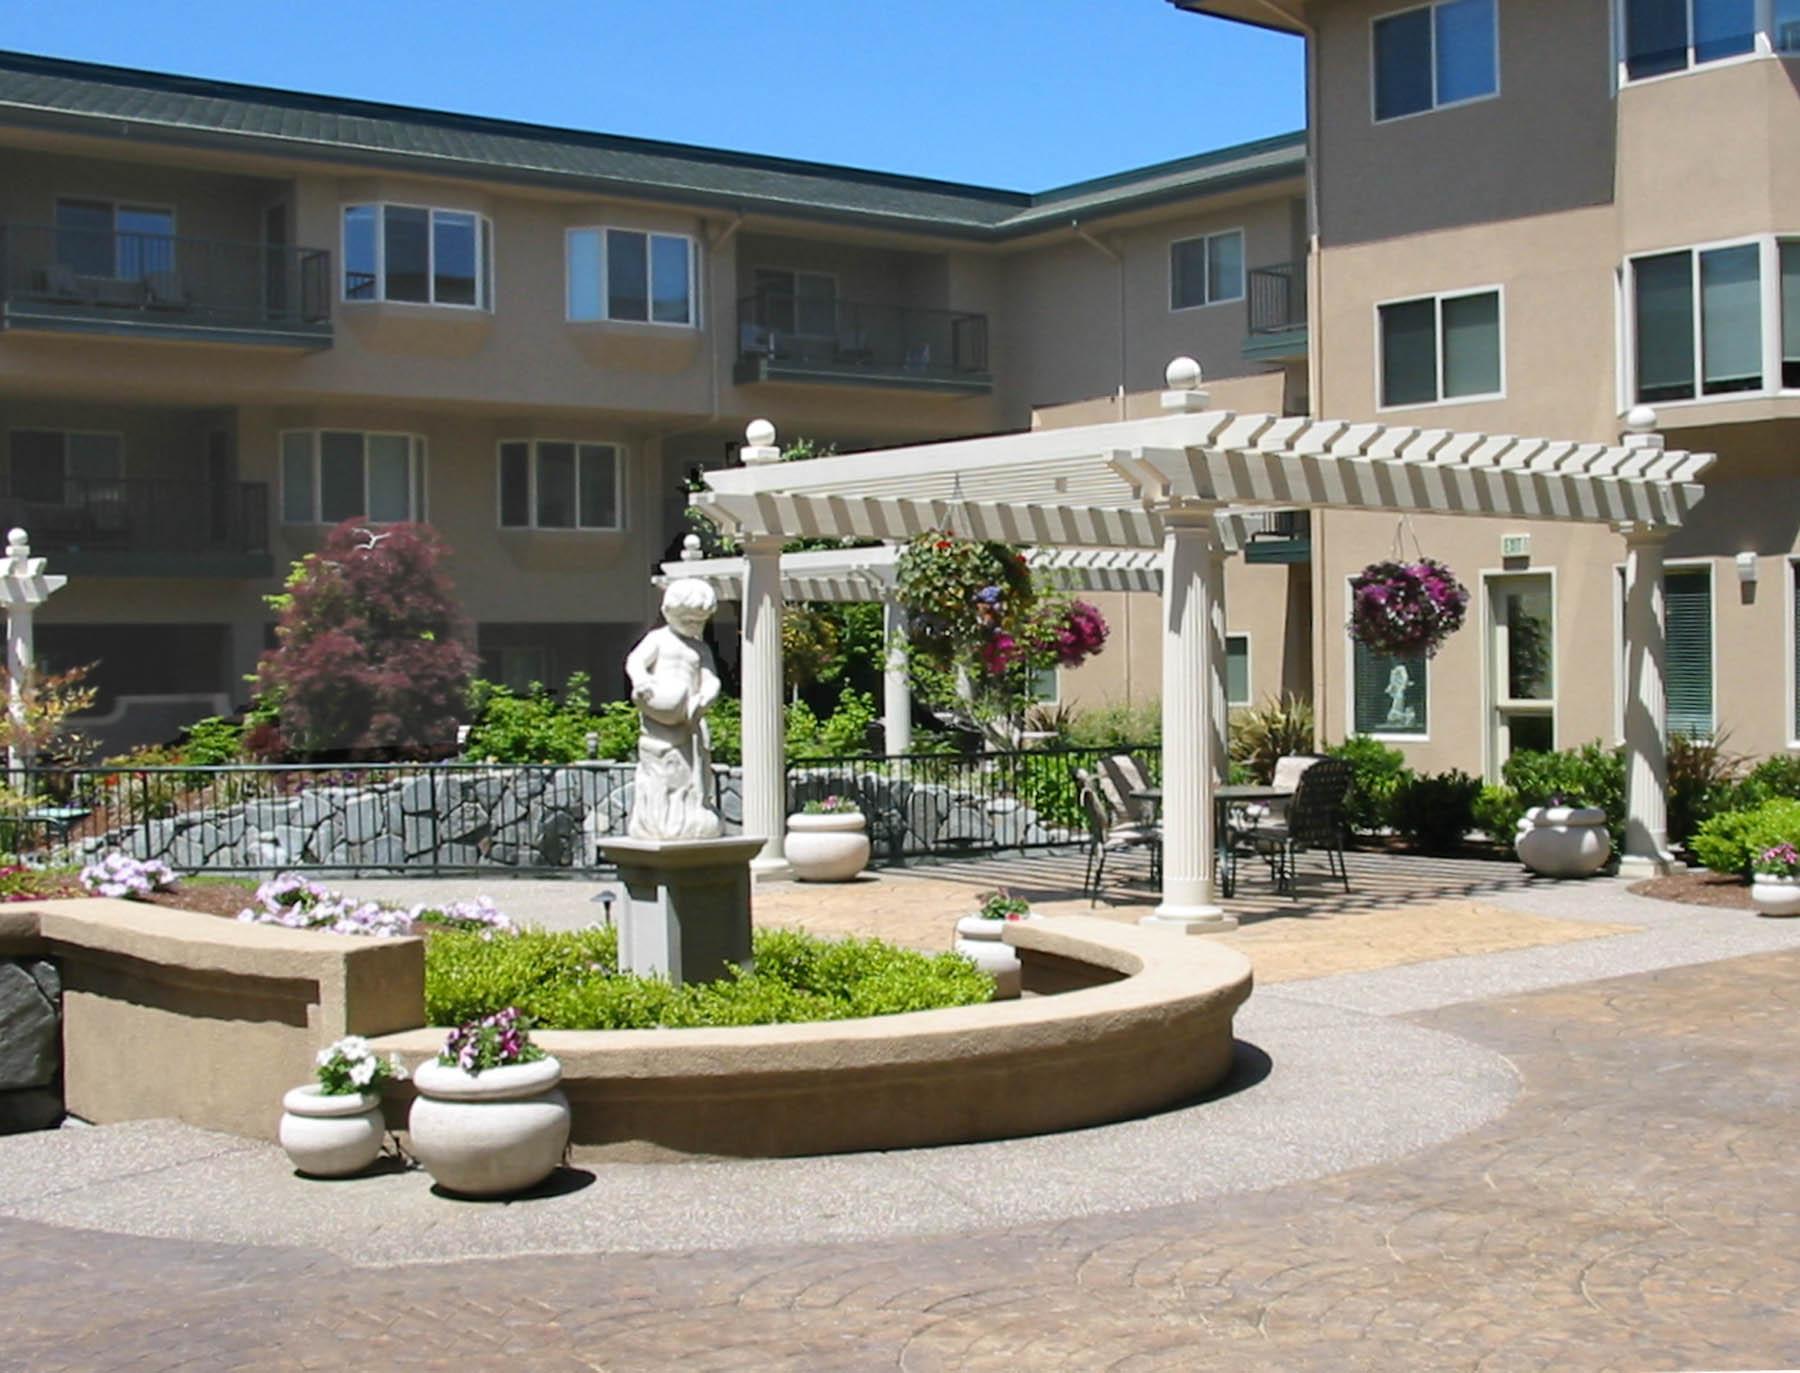 C 1 Anna Maria Courtyard, by BP_web.jpg